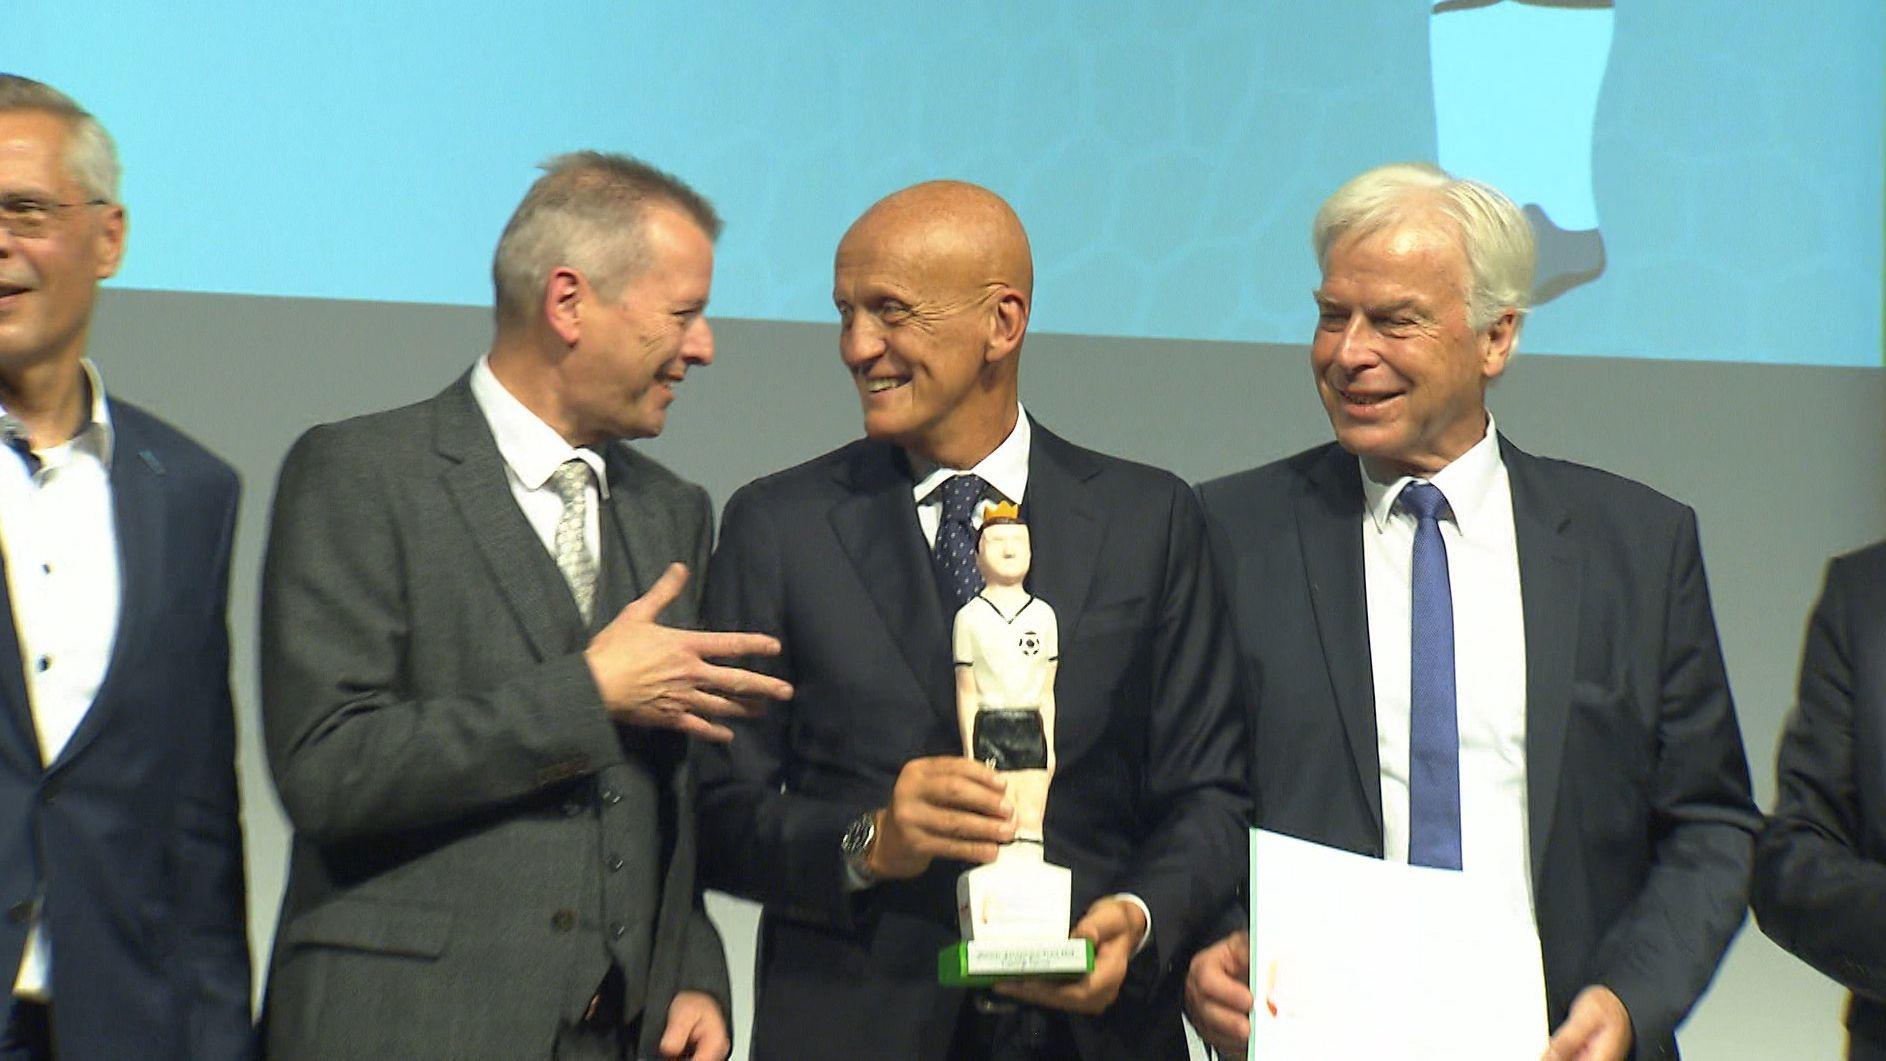 Pierluigi Collina erhält als erster Schiedsrichter den Walther-Bensemann-Preis